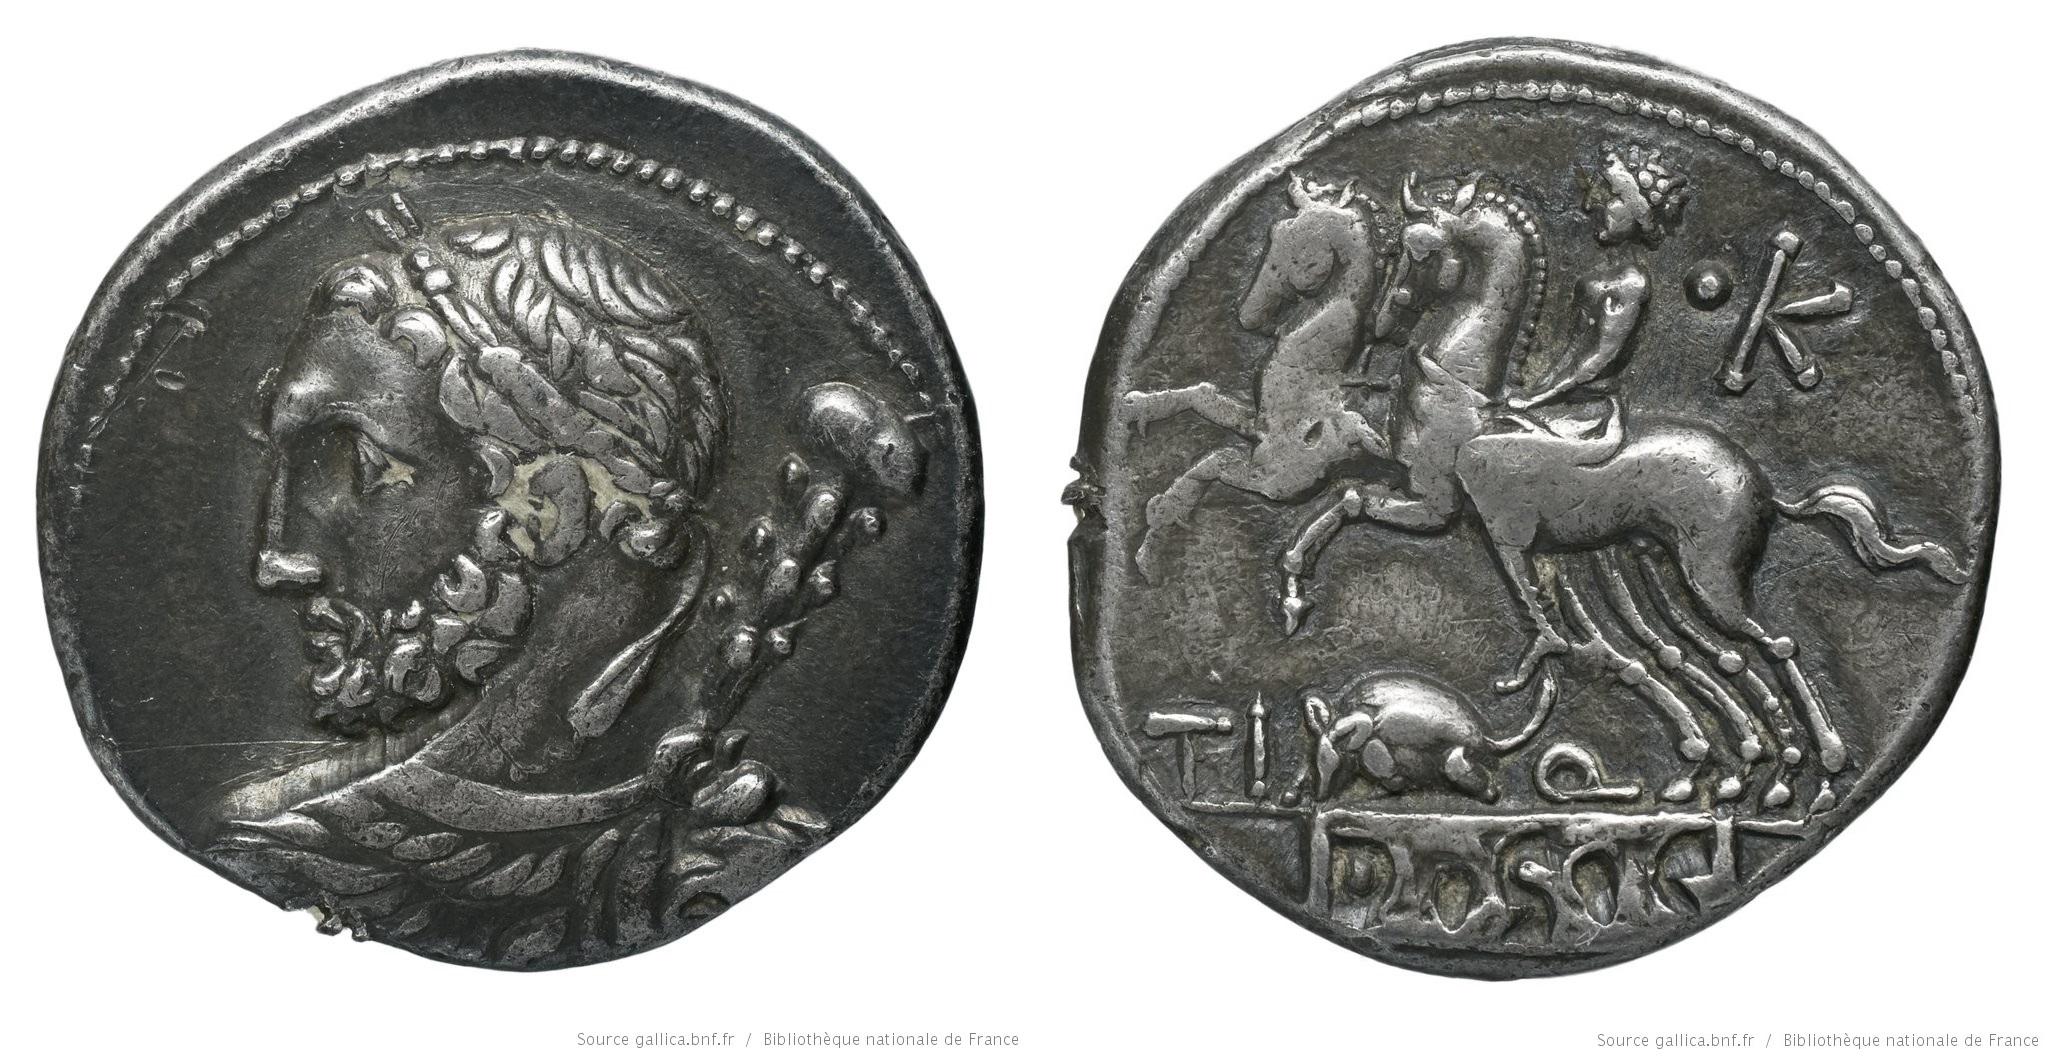 1111QU – Denier Quinctia – Tiberius Quinctius